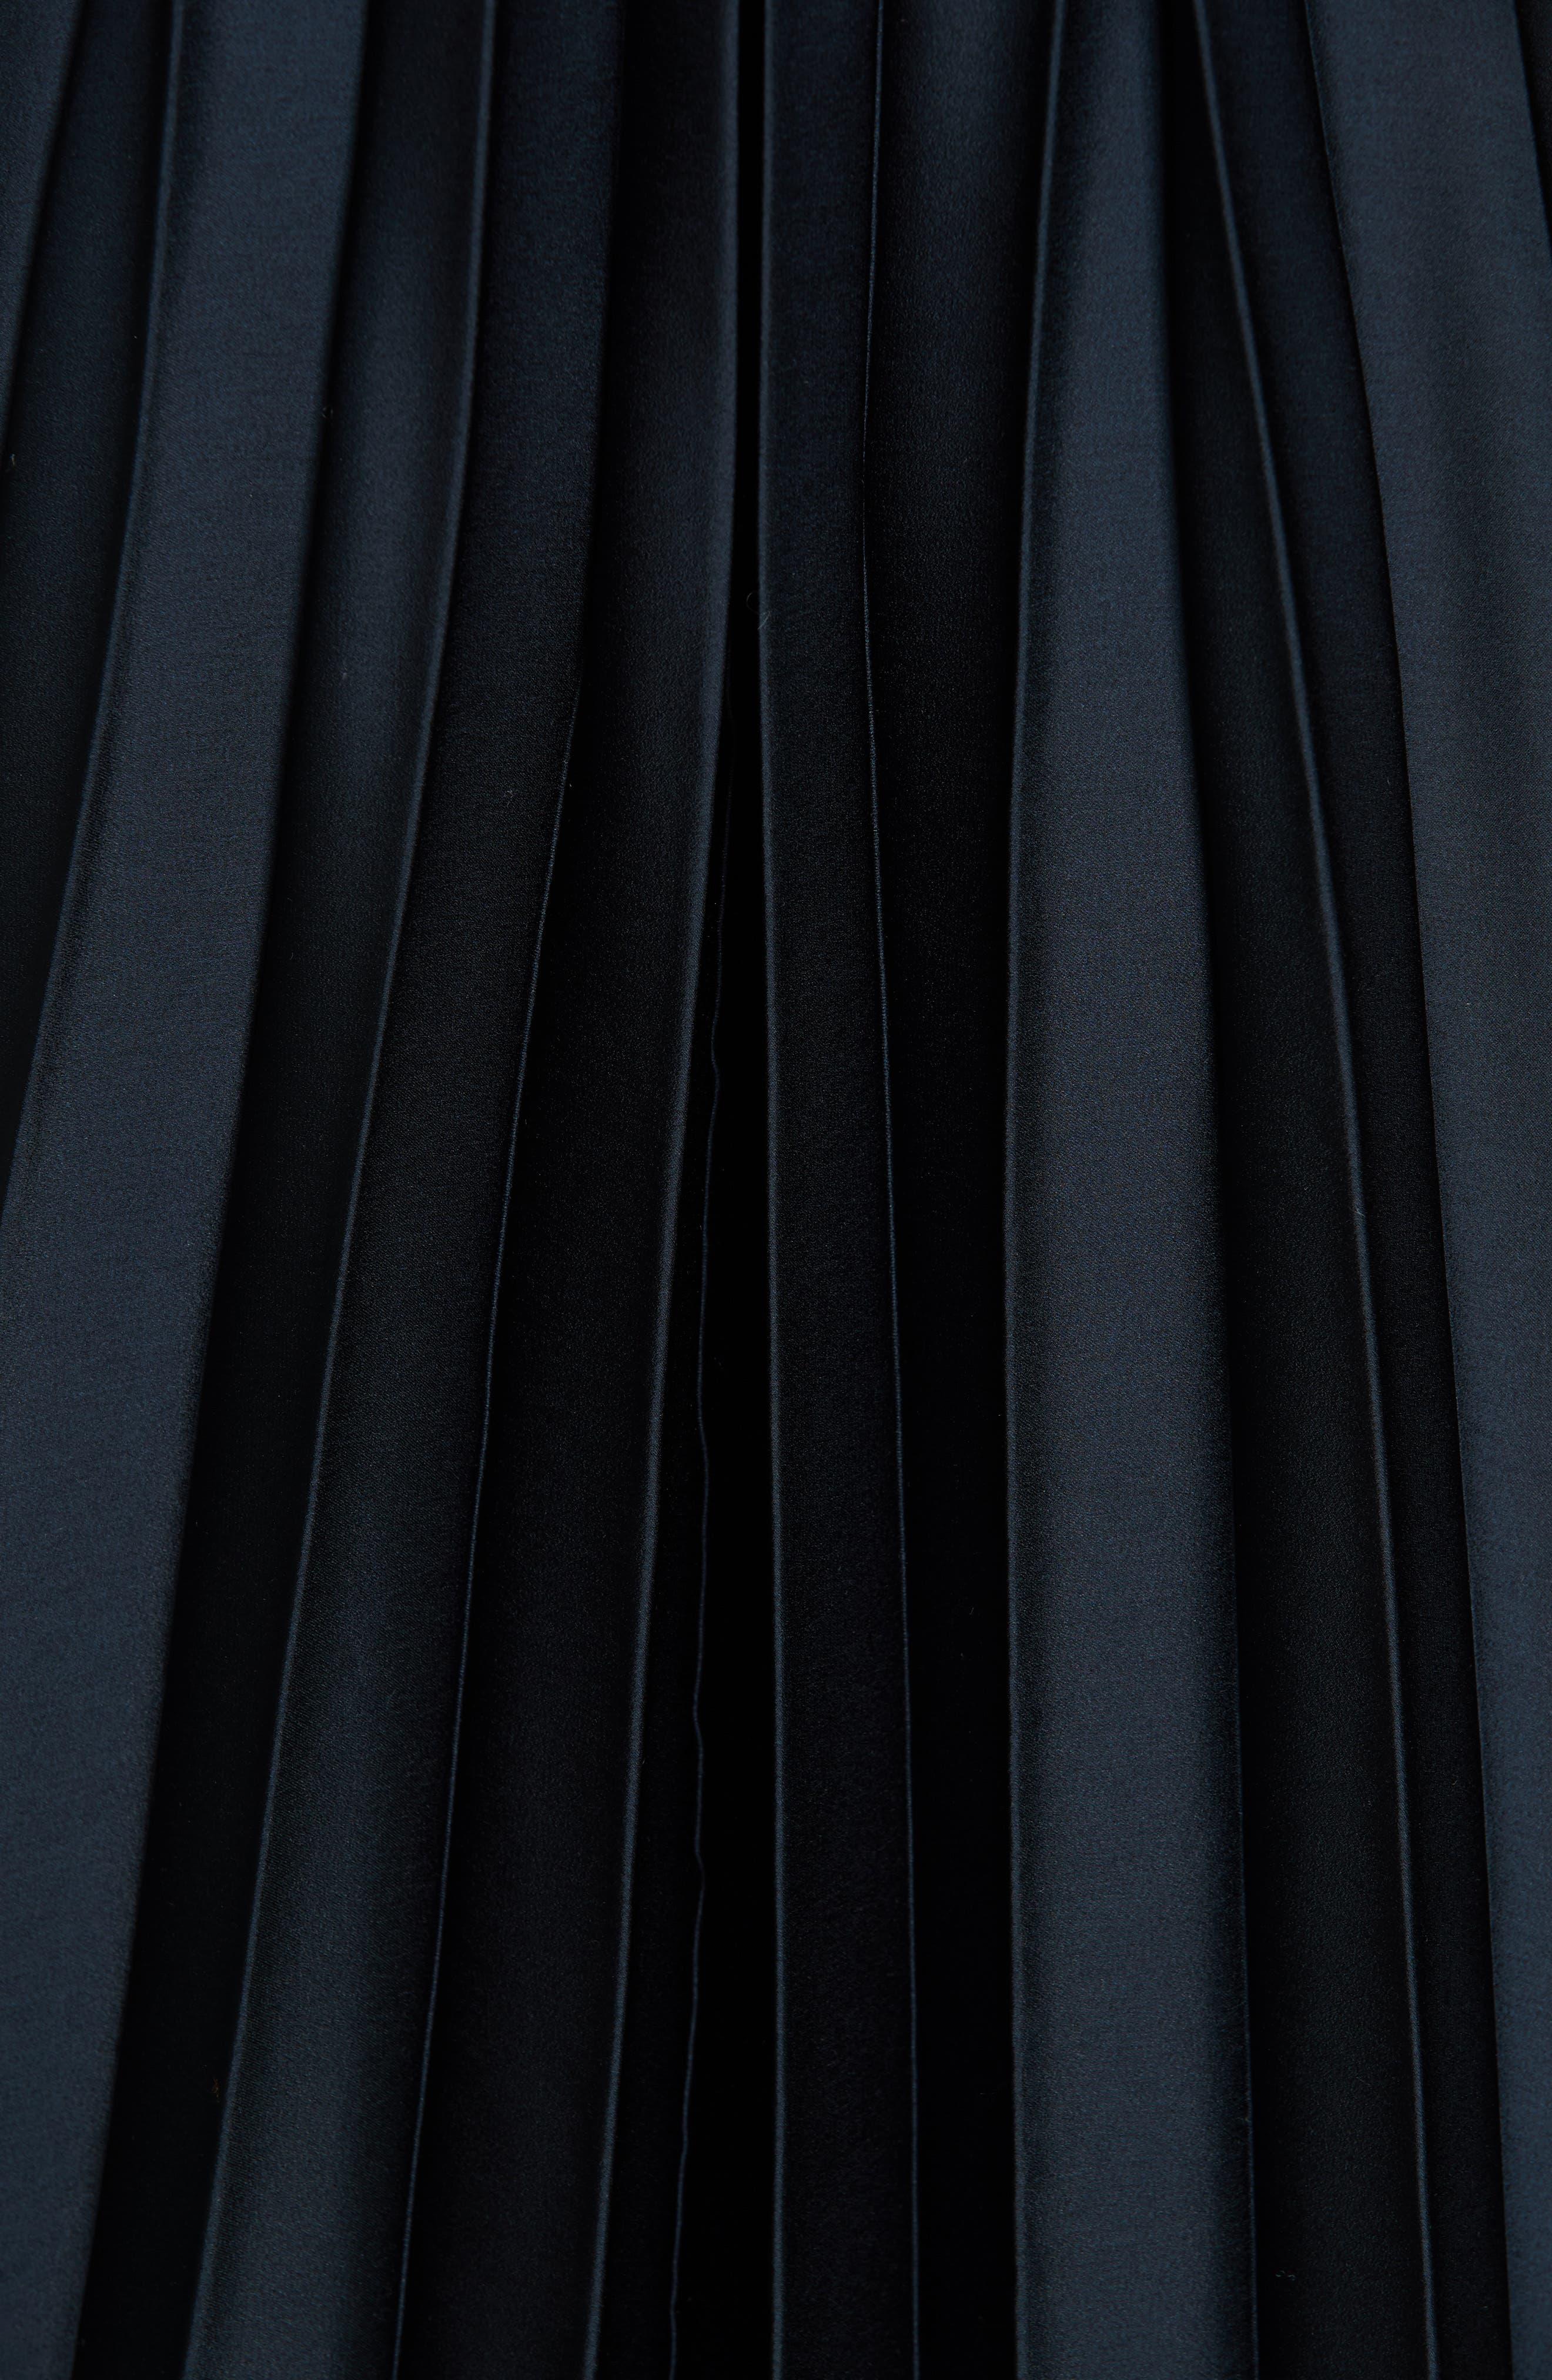 Chevron Pleat Midi Dress,                             Alternate thumbnail 5, color,                             COASTAL